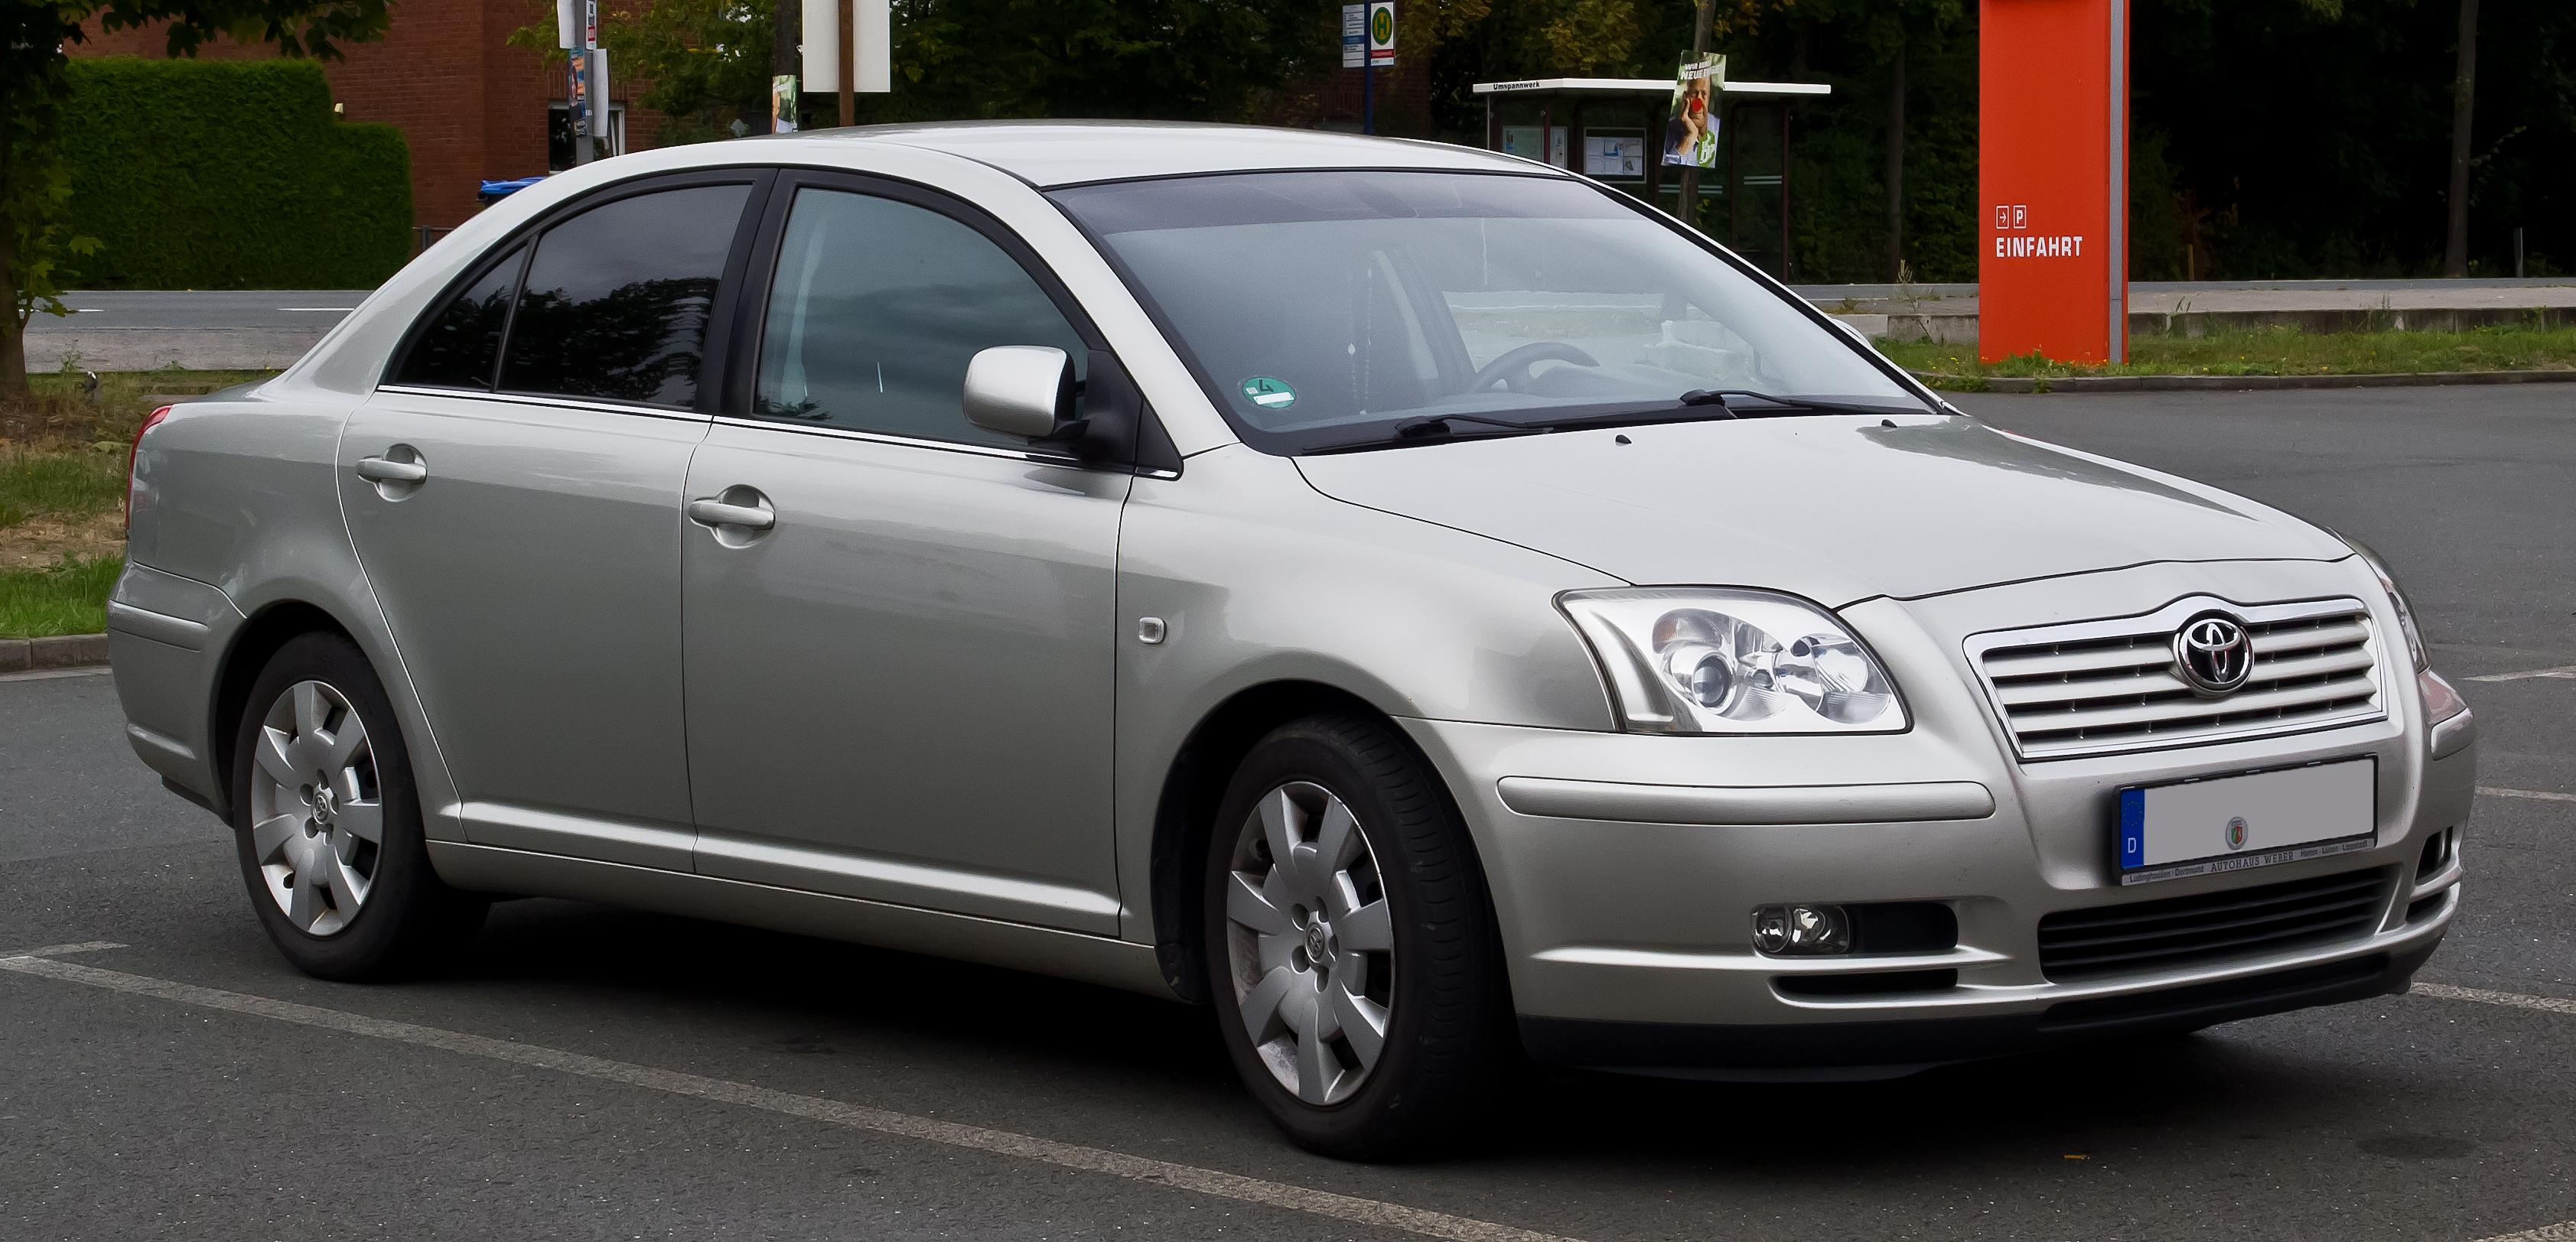 Toyota D Cat Verbrauchsanzeige Reseten